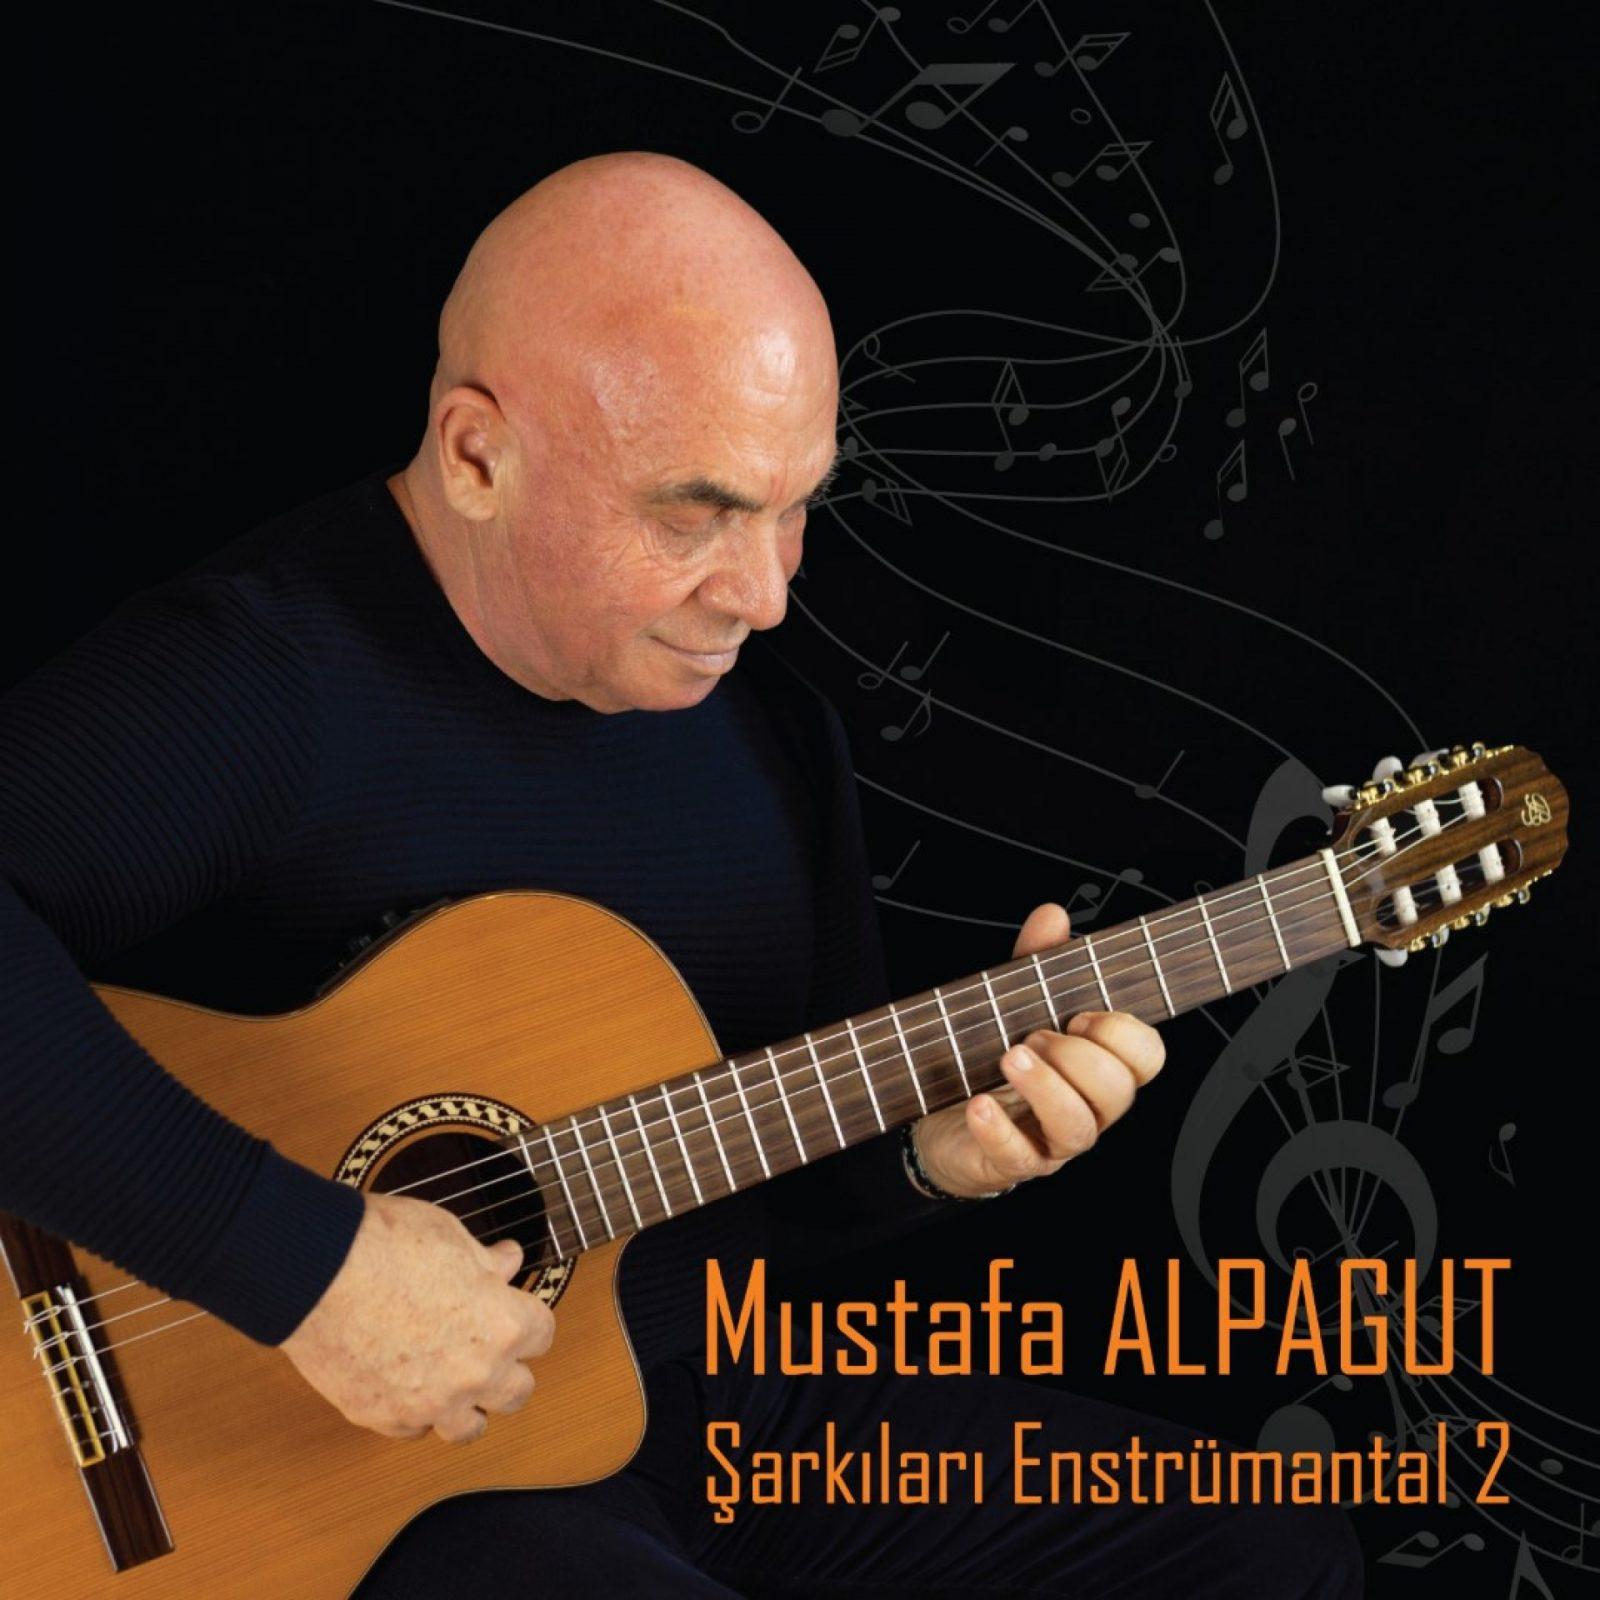 mustafa alpagut şarkıları enstrümantal 2 albüm kapağı